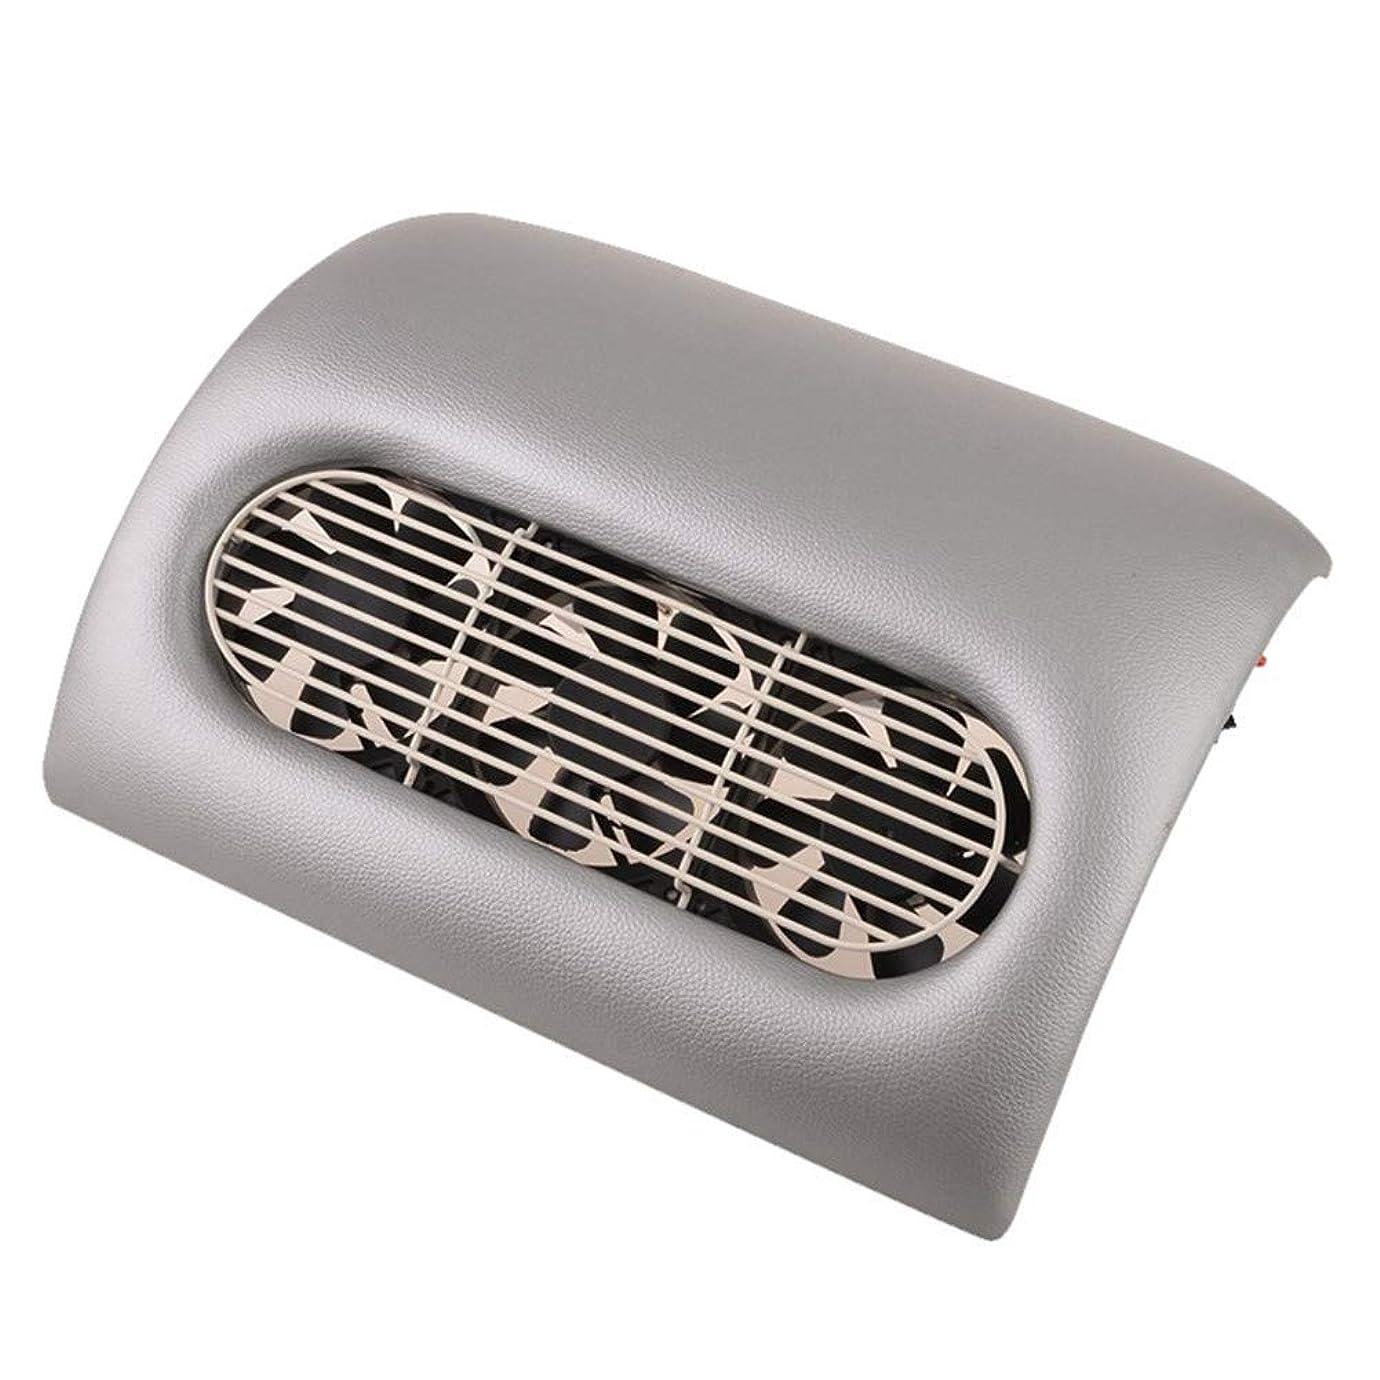 心臓懇願する反論15ワットネイルダストサクションクリーナー美容院機器コレクターサクションネイルツールアートマニキュア機クリーニング装置、グレー